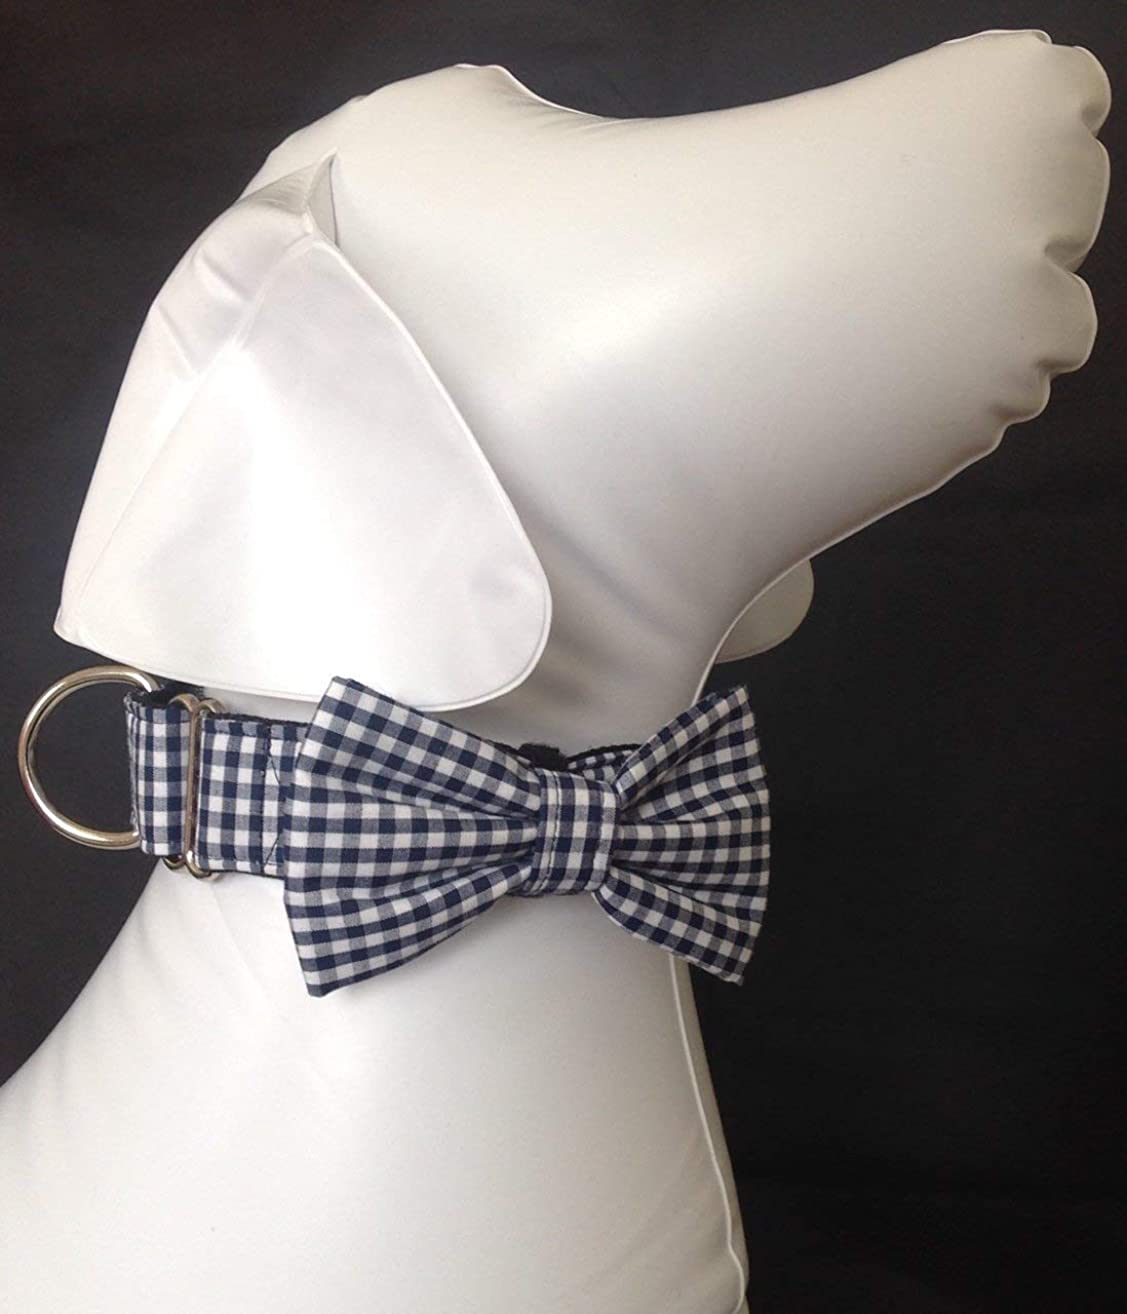 Martingale Dog Collar Bow Tie Set + Navy Blue Gingham + Slip On Dog Collar + Adjustable Sizes Small, Medium, Large, Extra Large